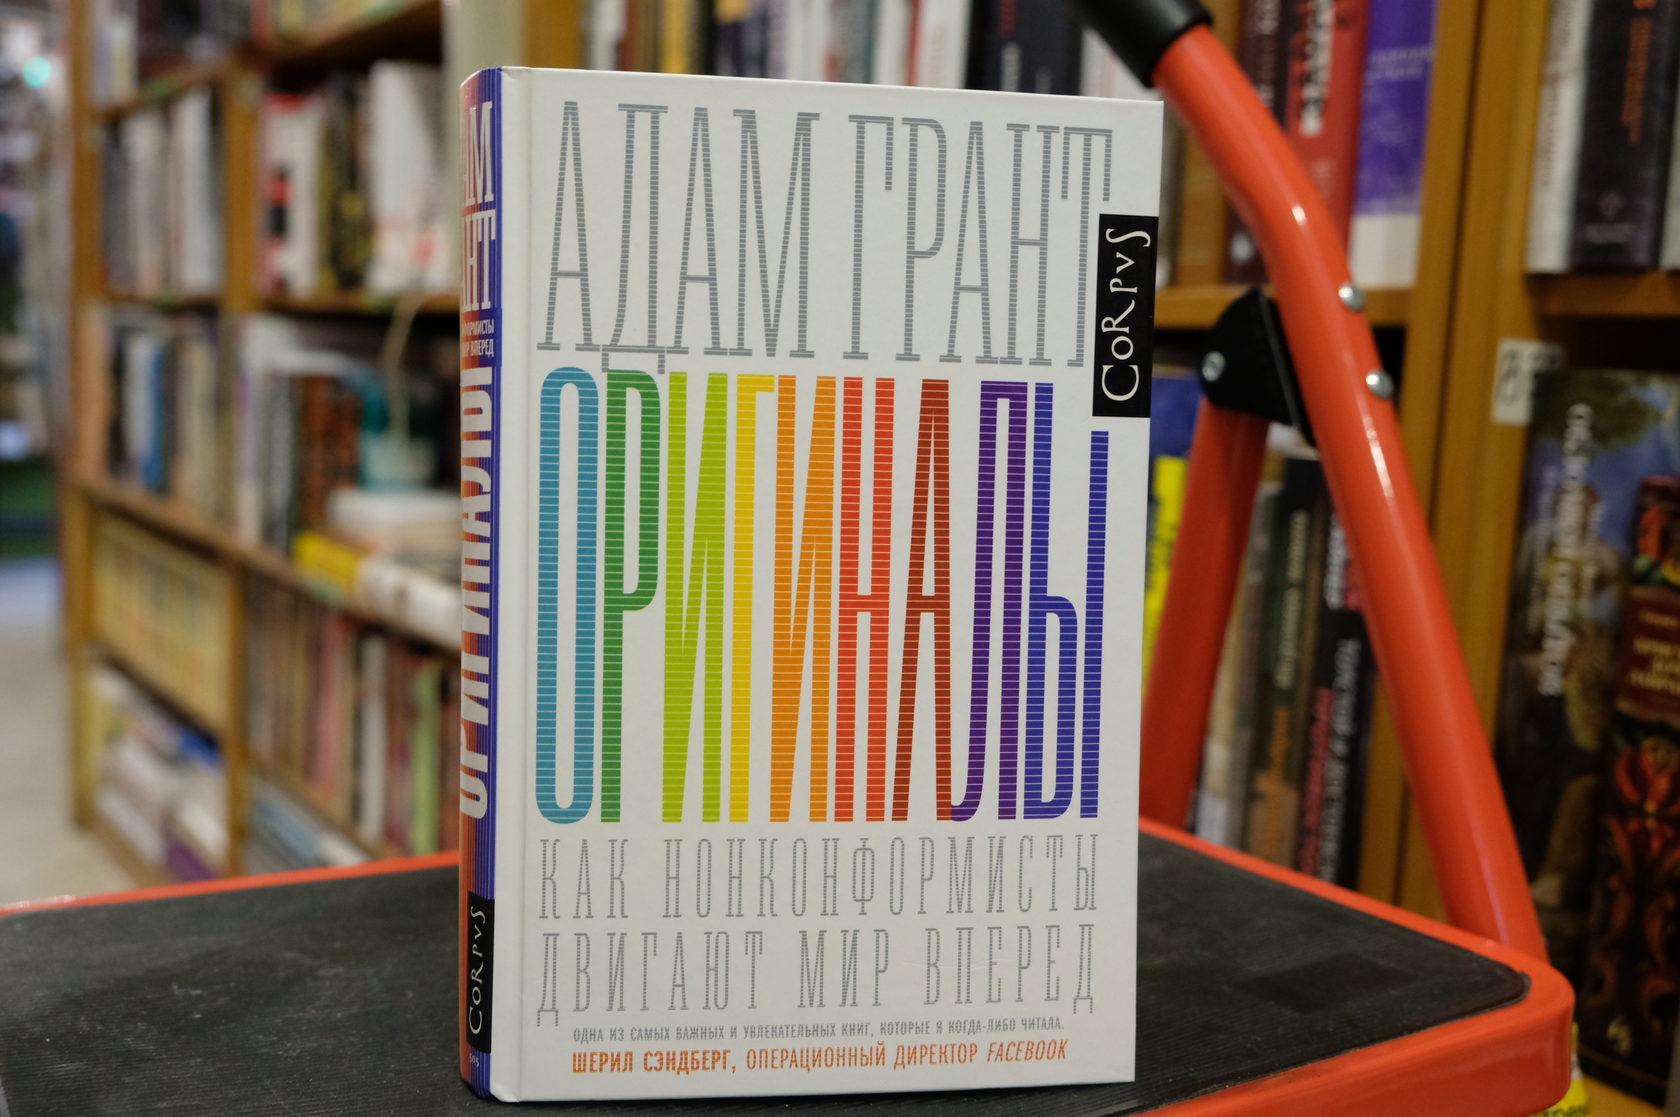 Купить книгу Адам Грант «Оригиналы. Как нонконформисты двигают мир вперед»